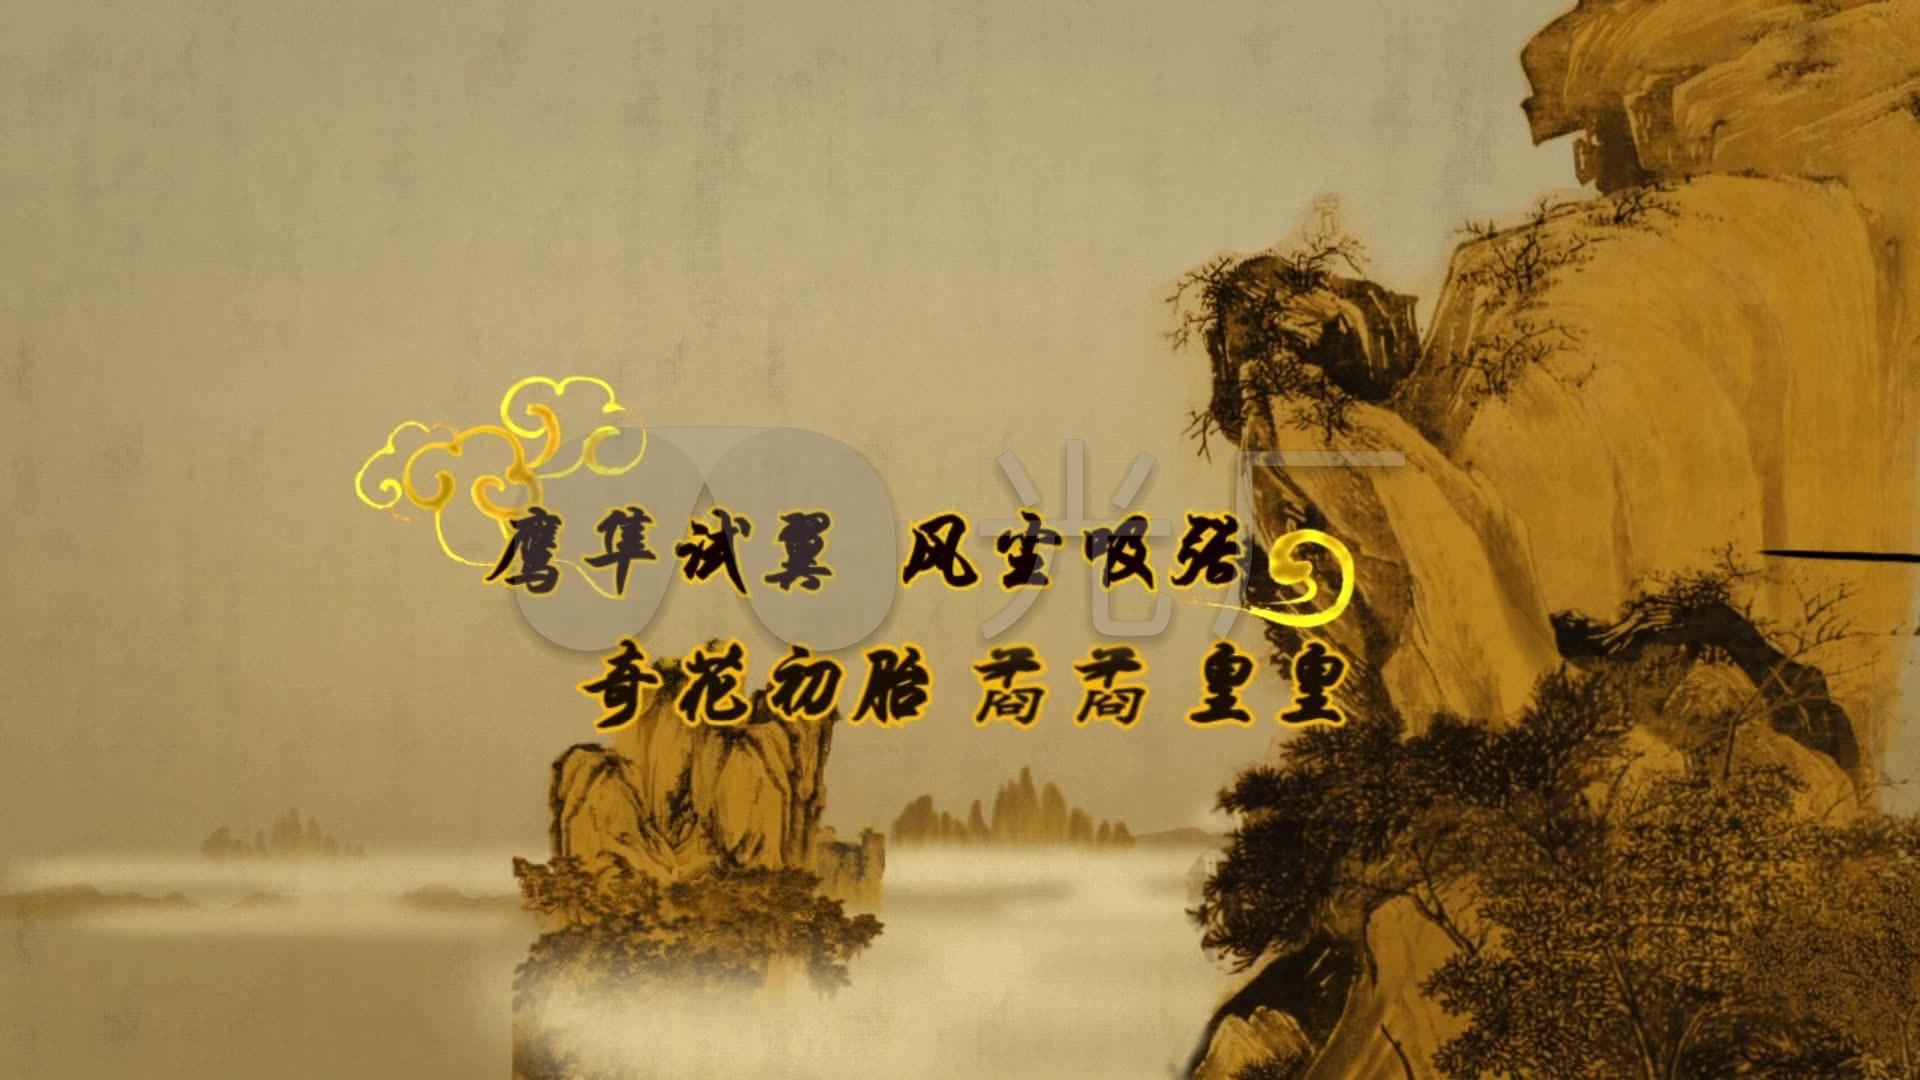 中国风少年中国说视频背景最新水墨_1920X1的前端山水图片